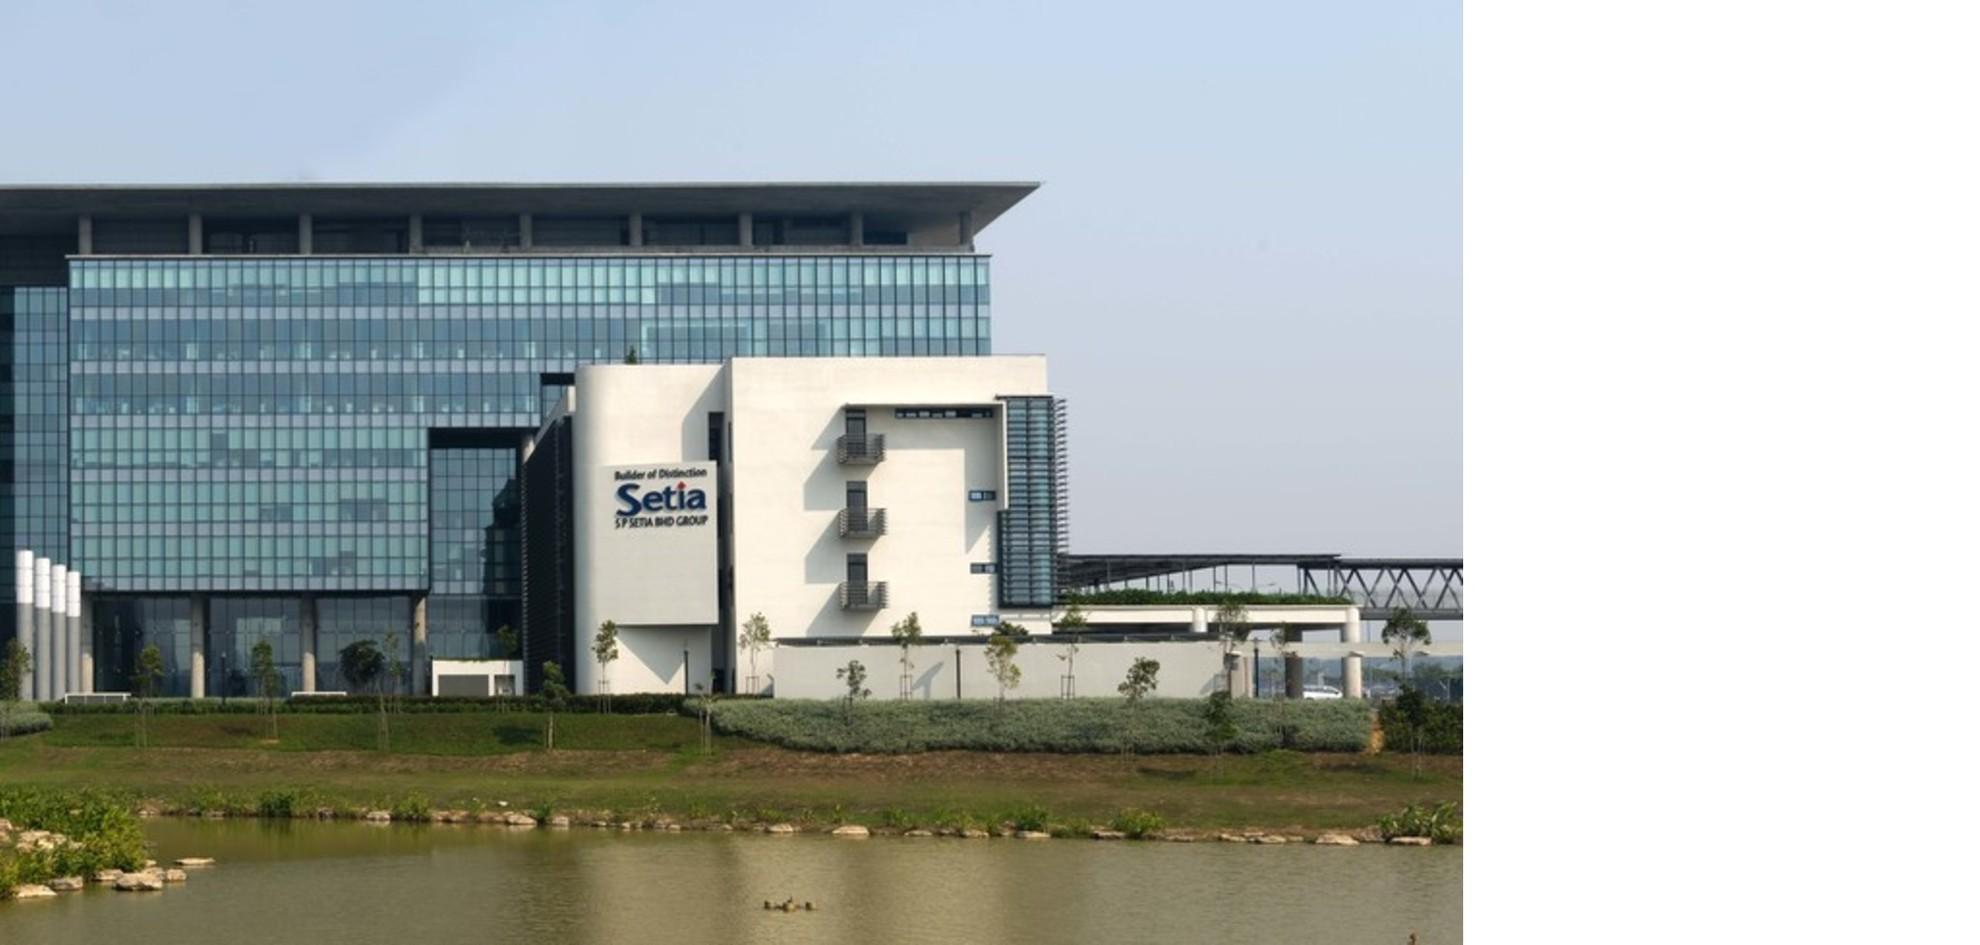 S P Setia headquarters di Rafiq Azam a Setia Alam in Malesia